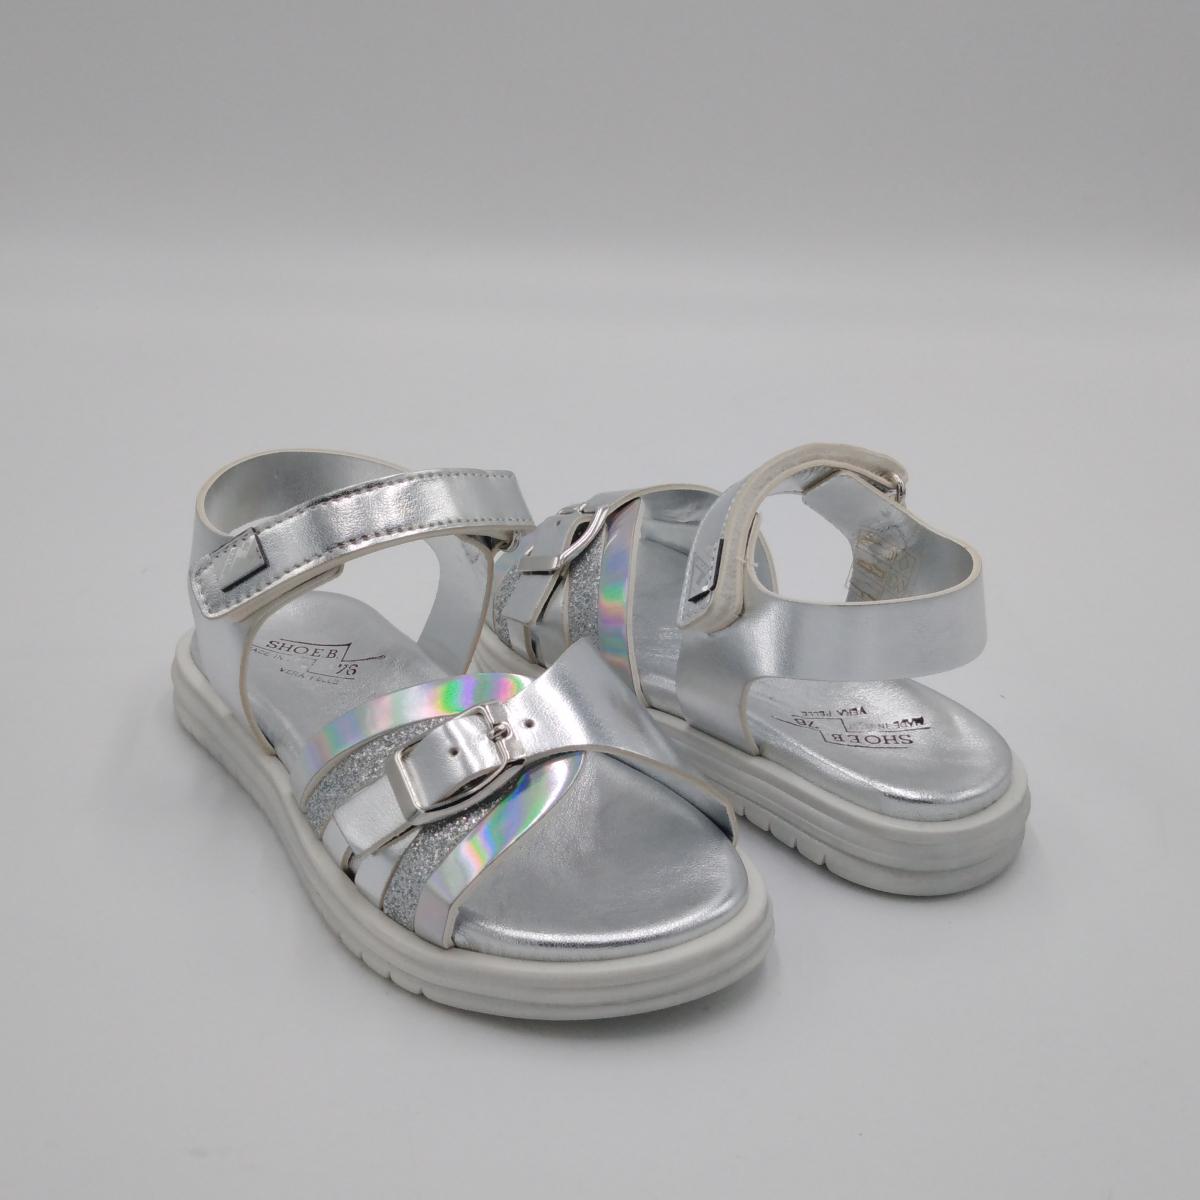 SHOEB 76 -Sandalo fibbia...